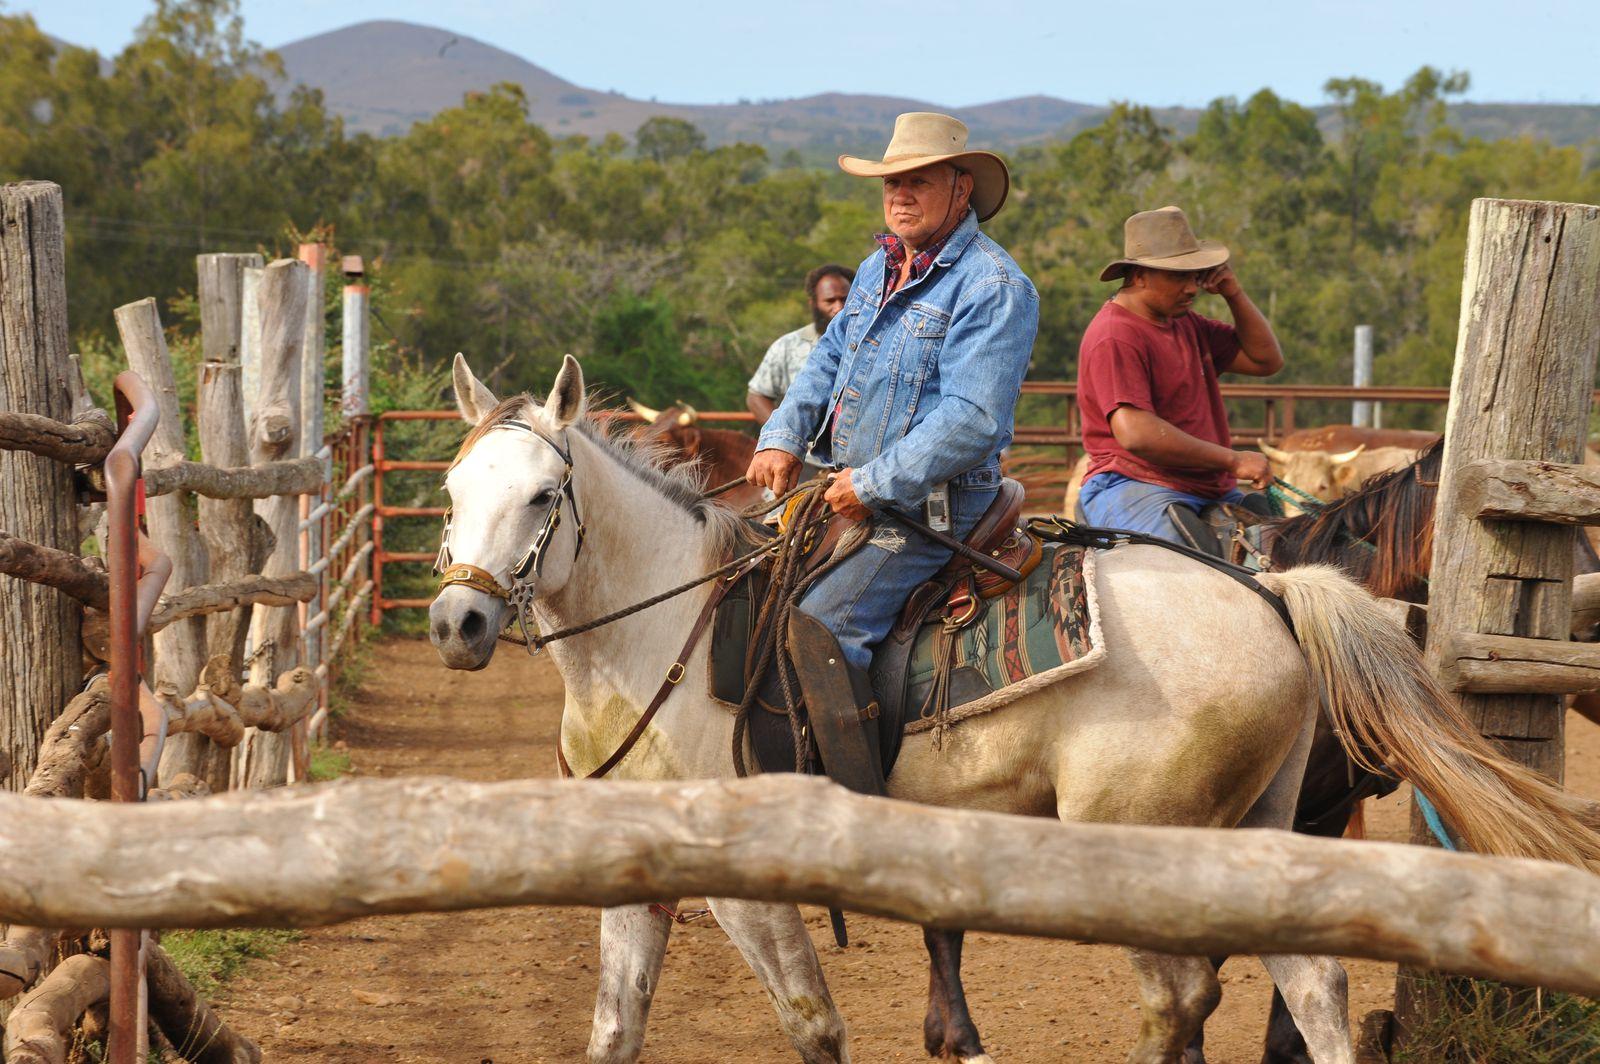 最後にご紹介するのは、現地の言葉では「ストックマン」と呼ばれる「カウボーイ」と共に行く「乗馬ツアー」。本島中部に位置する「ブーライユ」はニューカレドニア第2の都市で、19世紀に開拓者の子孫たちが繁栄させた牧畜と農業が今も産業として息づいています。緑豊かな谷間には、大規模農場やストックマンが牛追いをする広大な牧場が点在。